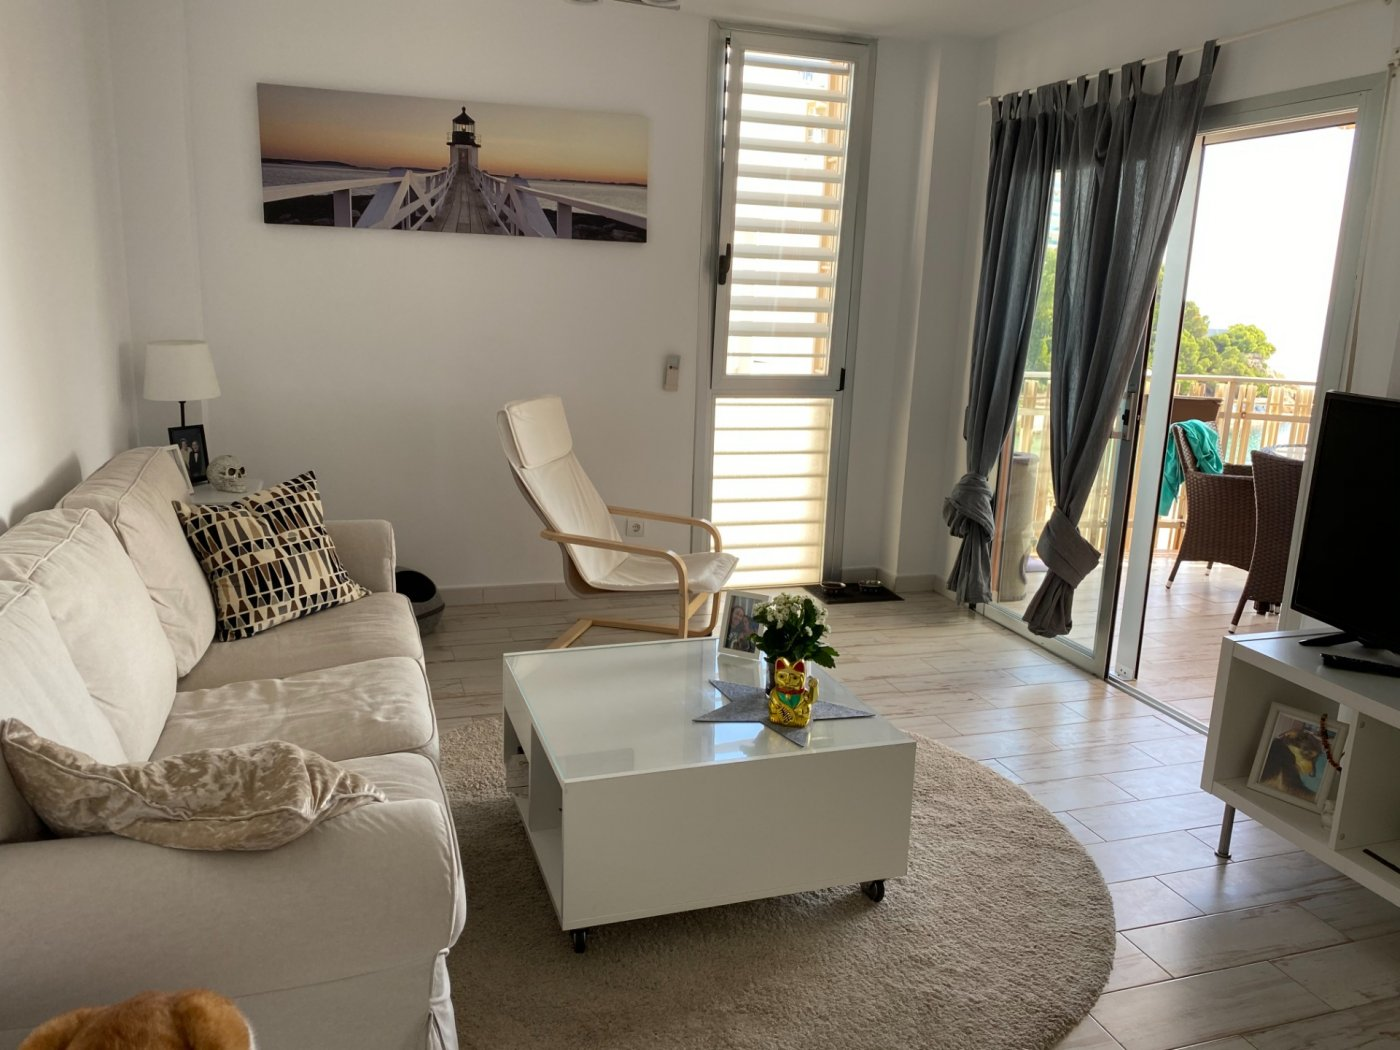 Alquiler con opcion de compra!espectacular apartamento con vistas al mar y parking propio - imagenInmueble5